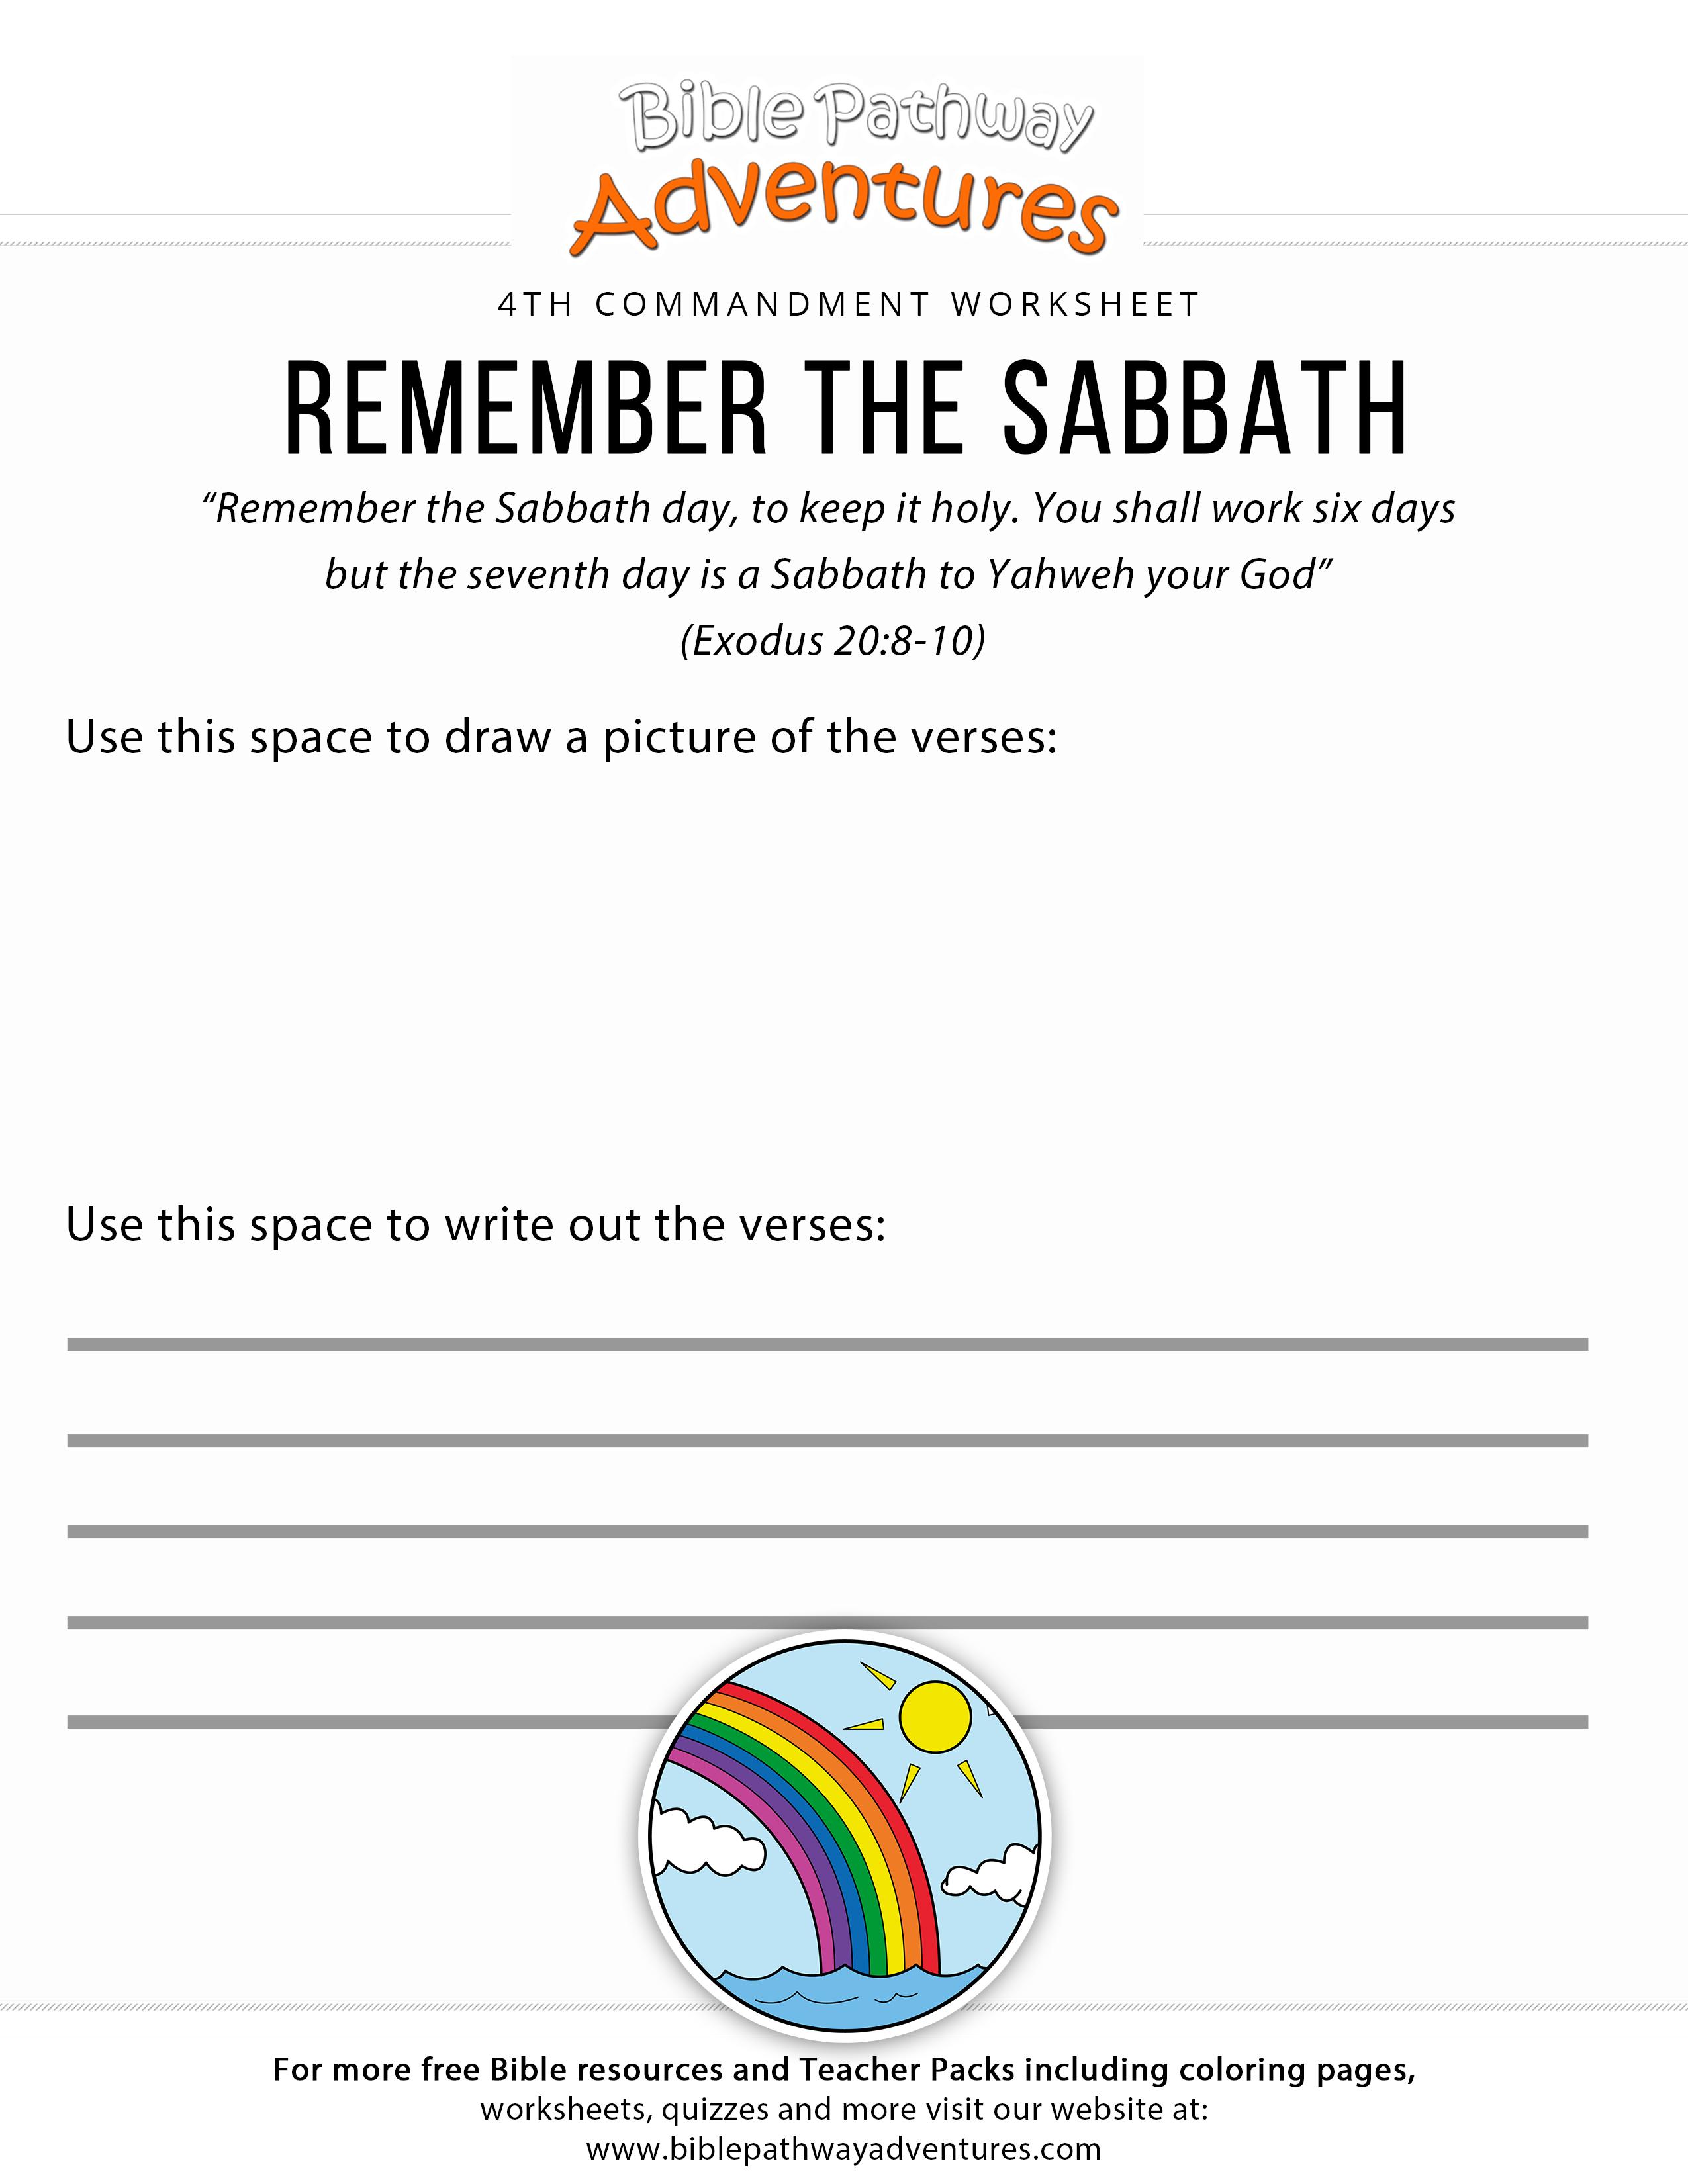 Worksheets Ten Commandments Worksheets ten commandments worksheet remember the sabbath bible adventure free download